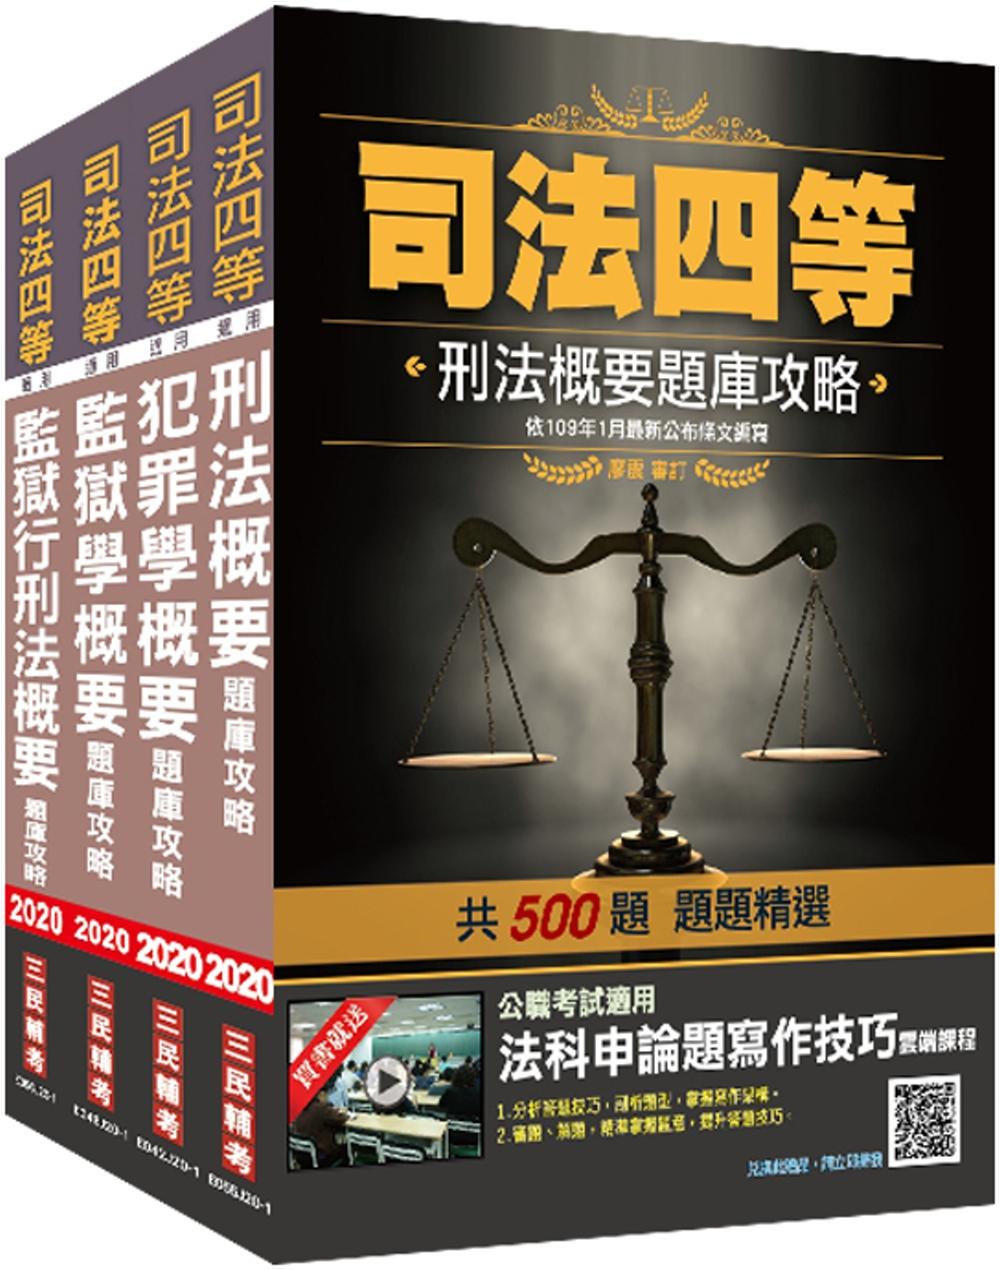 2020司法特考[四等][監所管理員][專業科目]題庫套書[刑法題庫+犯罪學題庫+監獄學題庫+監獄行刑法題庫]總題數高達2435題(100%題題詳解)